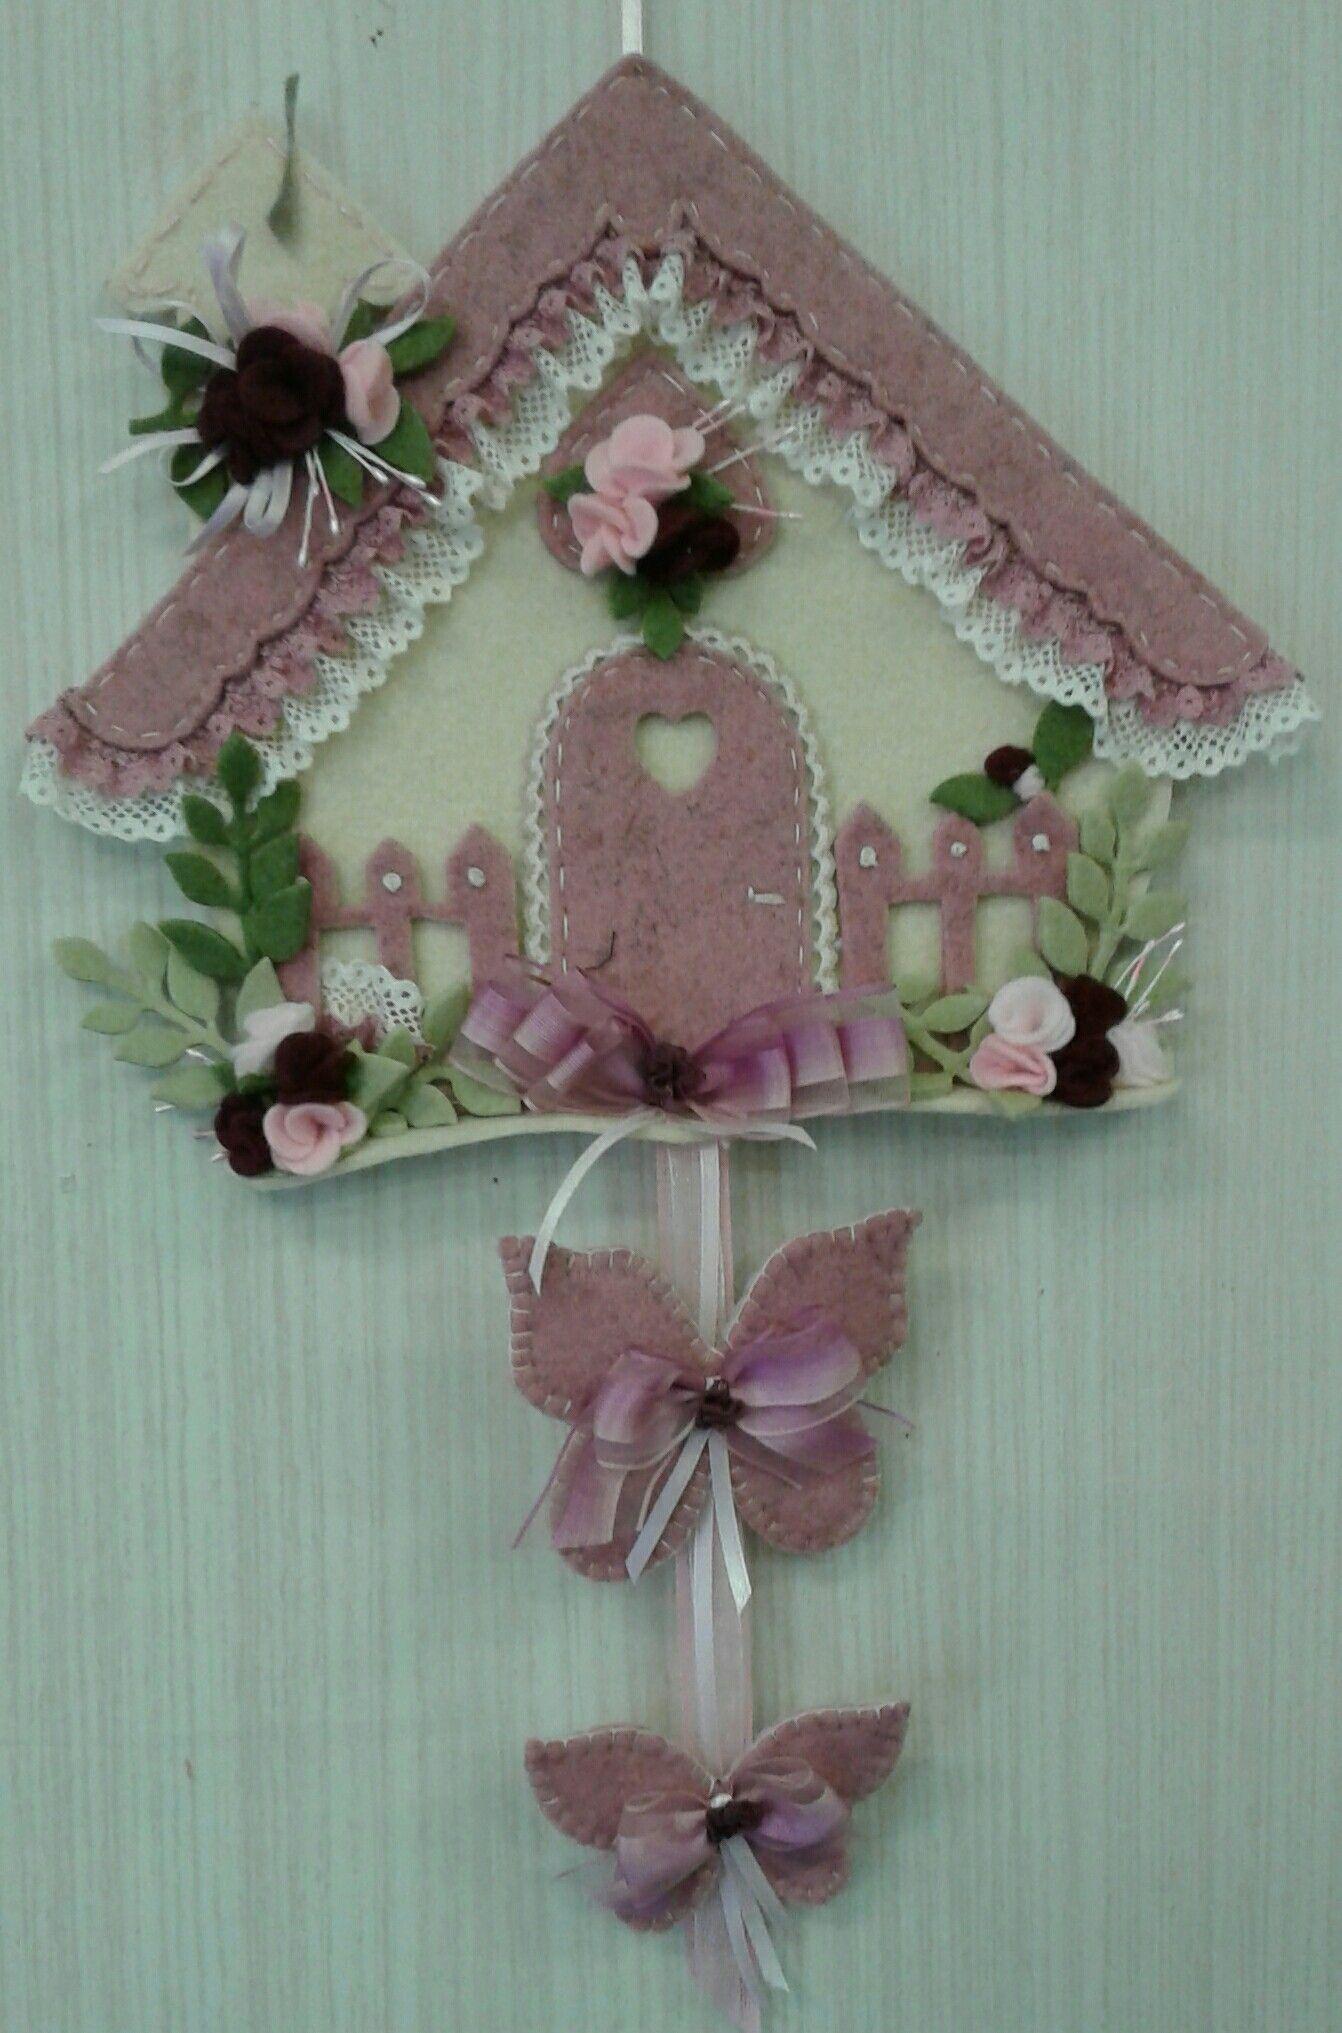 Ancora casetta rosa di luisa valent fai da te e hobby for Lavori fai da te in casa